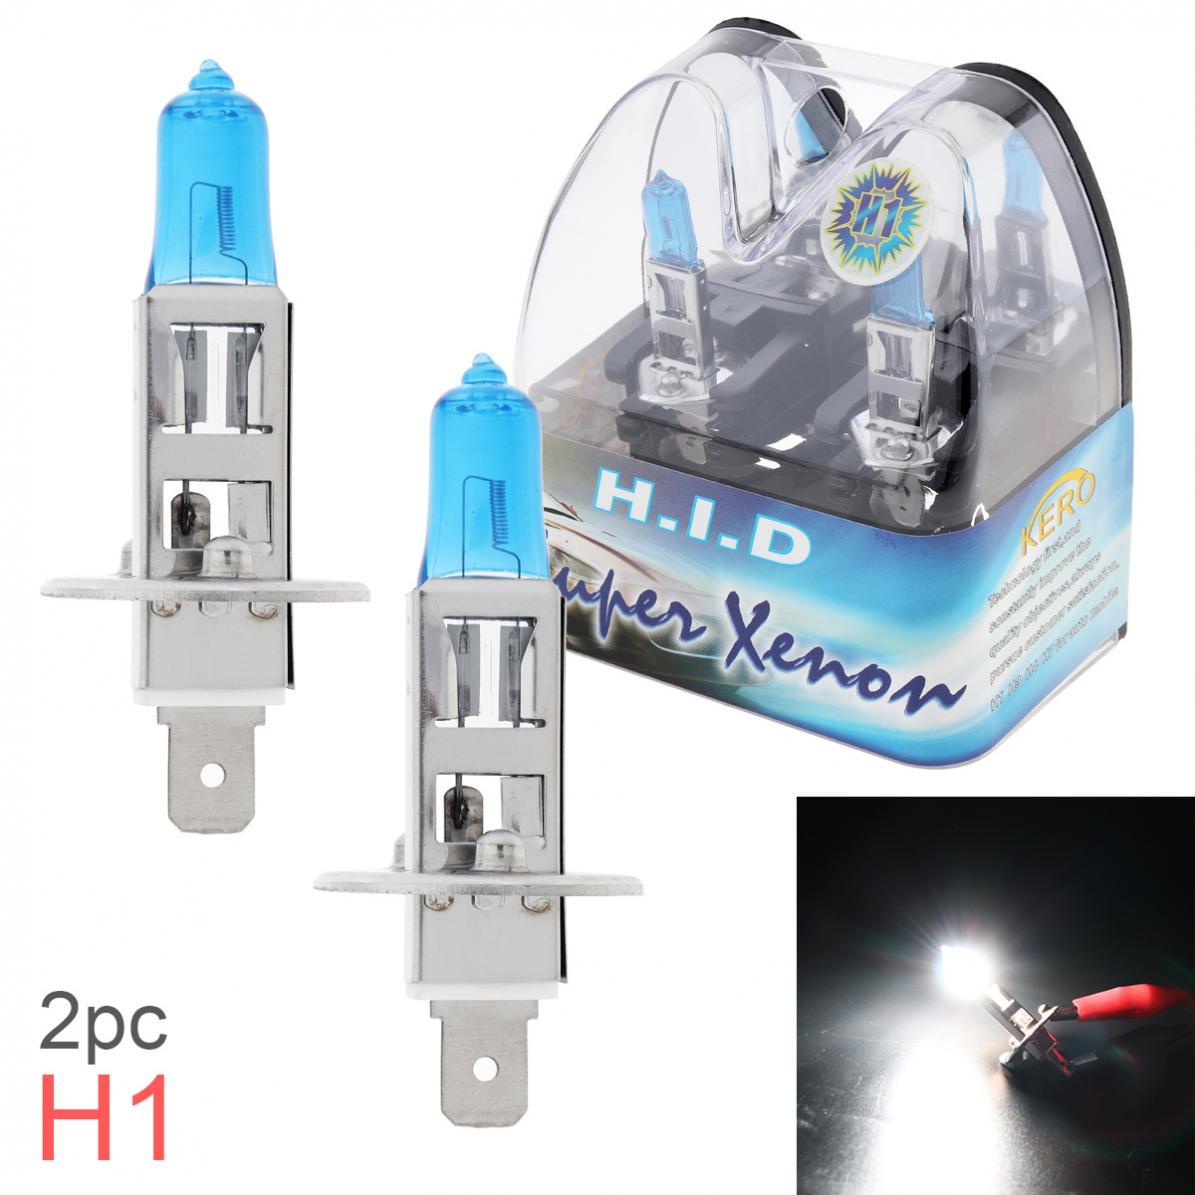 2pcs 12V H1 55W 6000K белый светильник, универсальная супер яркая Автомобильная ксеноновая галогенная лампа, автомобильный передний головной свети...